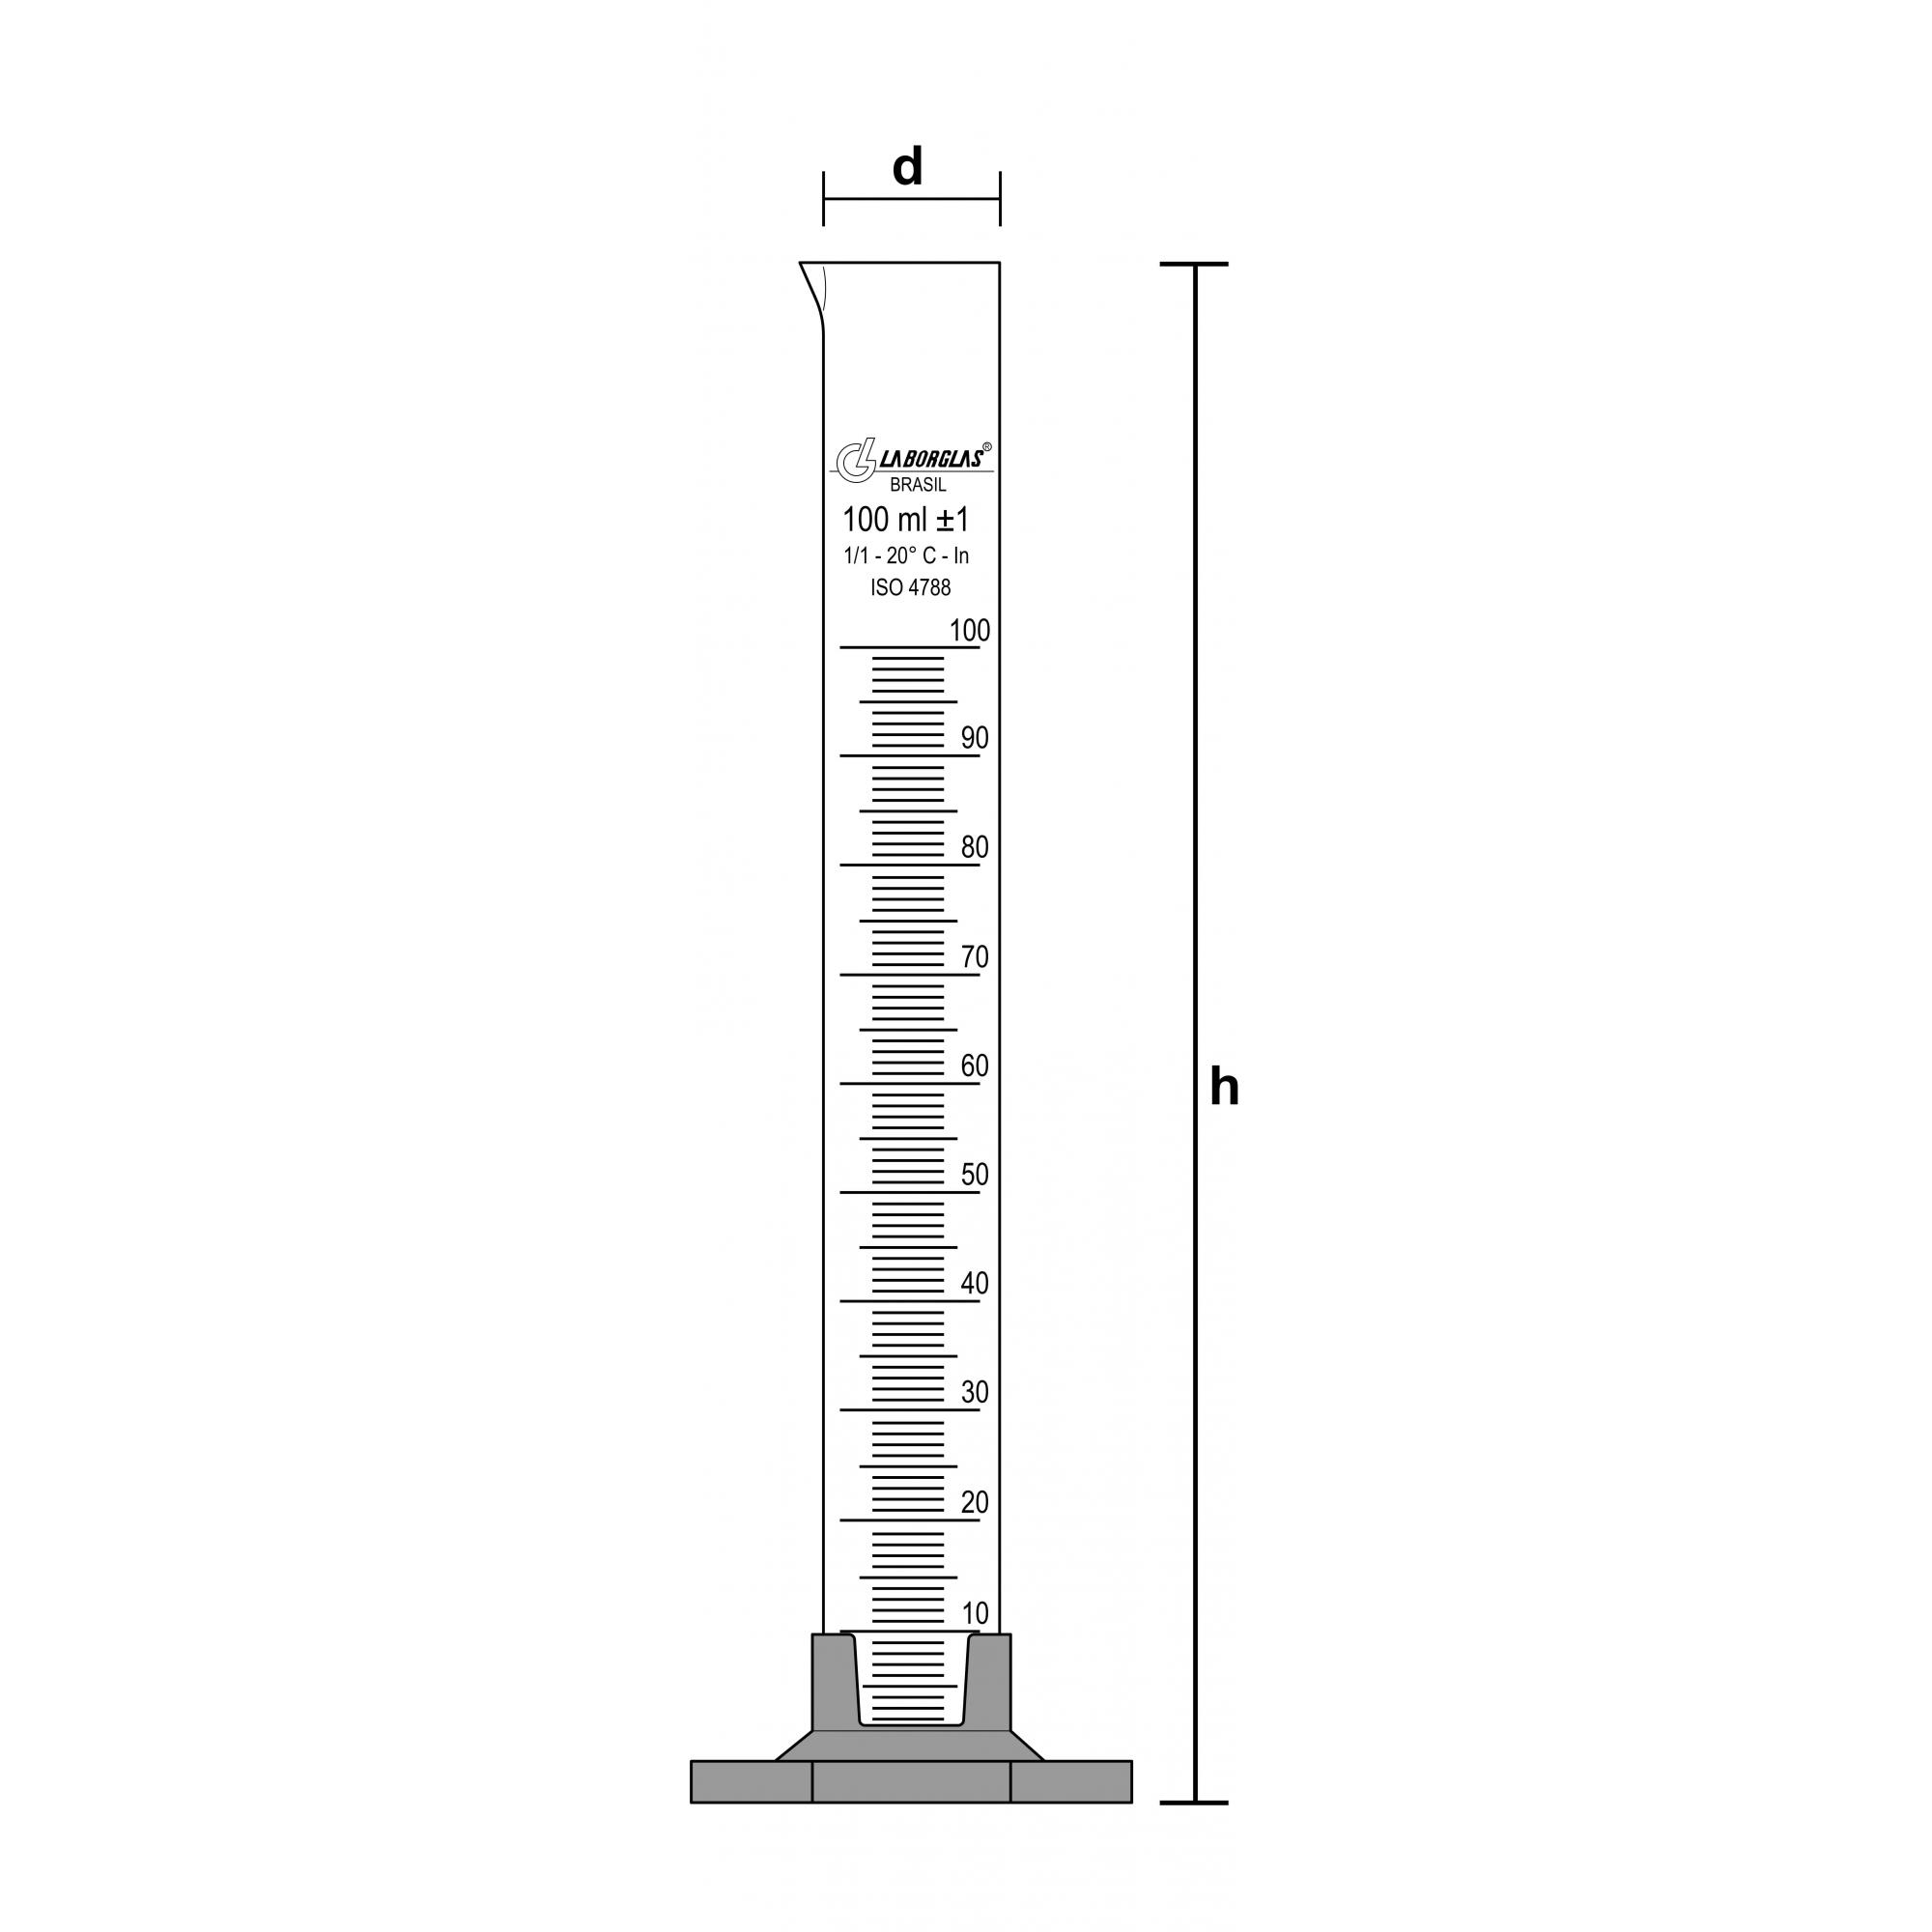 PROVETA GRADUADA BASE HEXAGONAL DE POLIPROPILENO 250 ML CERTIFICADO RBC - Laborglas - Cód. 9138636-R